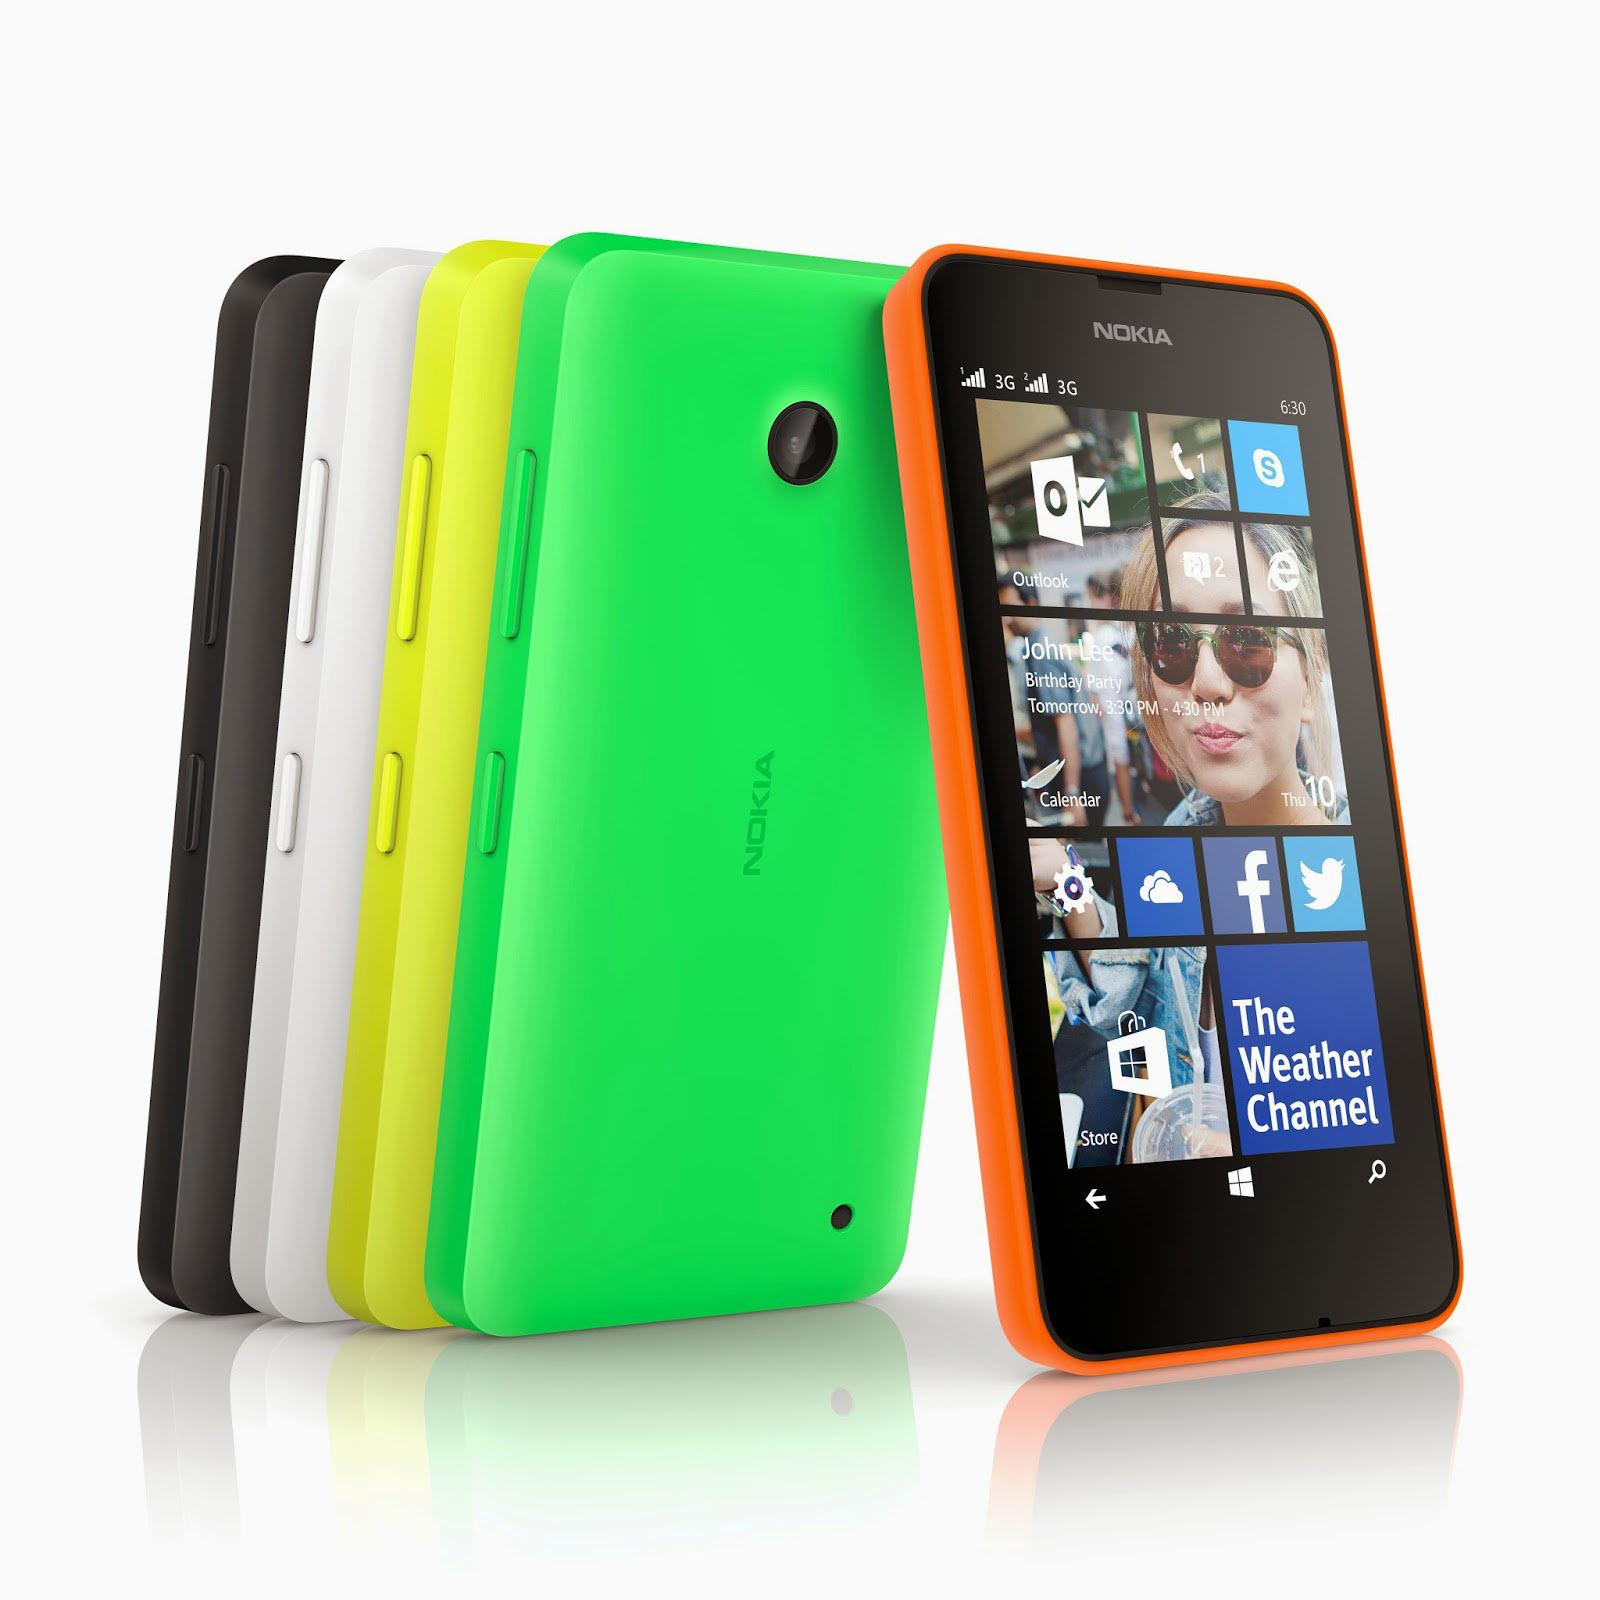 673eb188527 Llega el Nokia Lumia 635 a Movistar - Perusmart